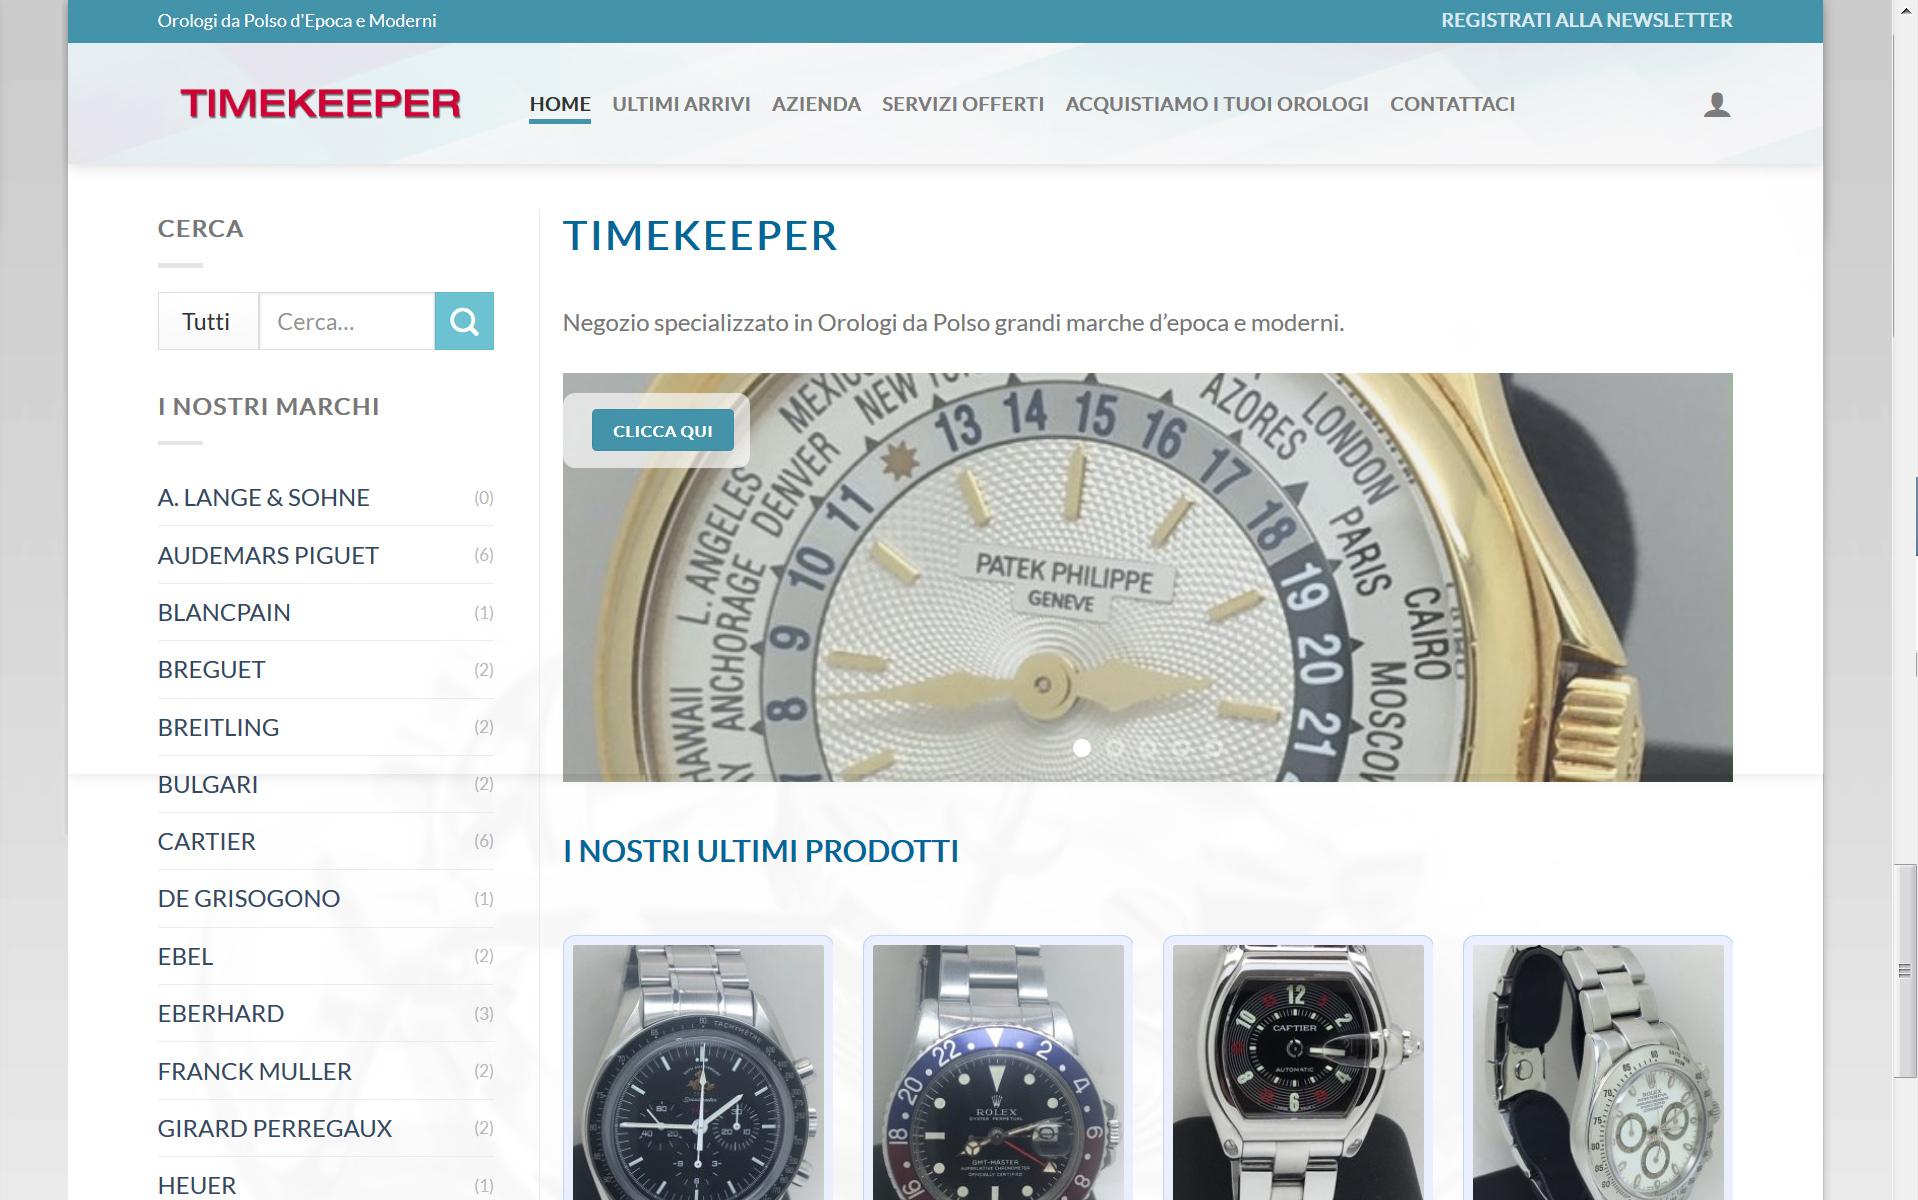 Timekeeper.watch – Orologi da Polso d'Epoca e Moderni di qualità